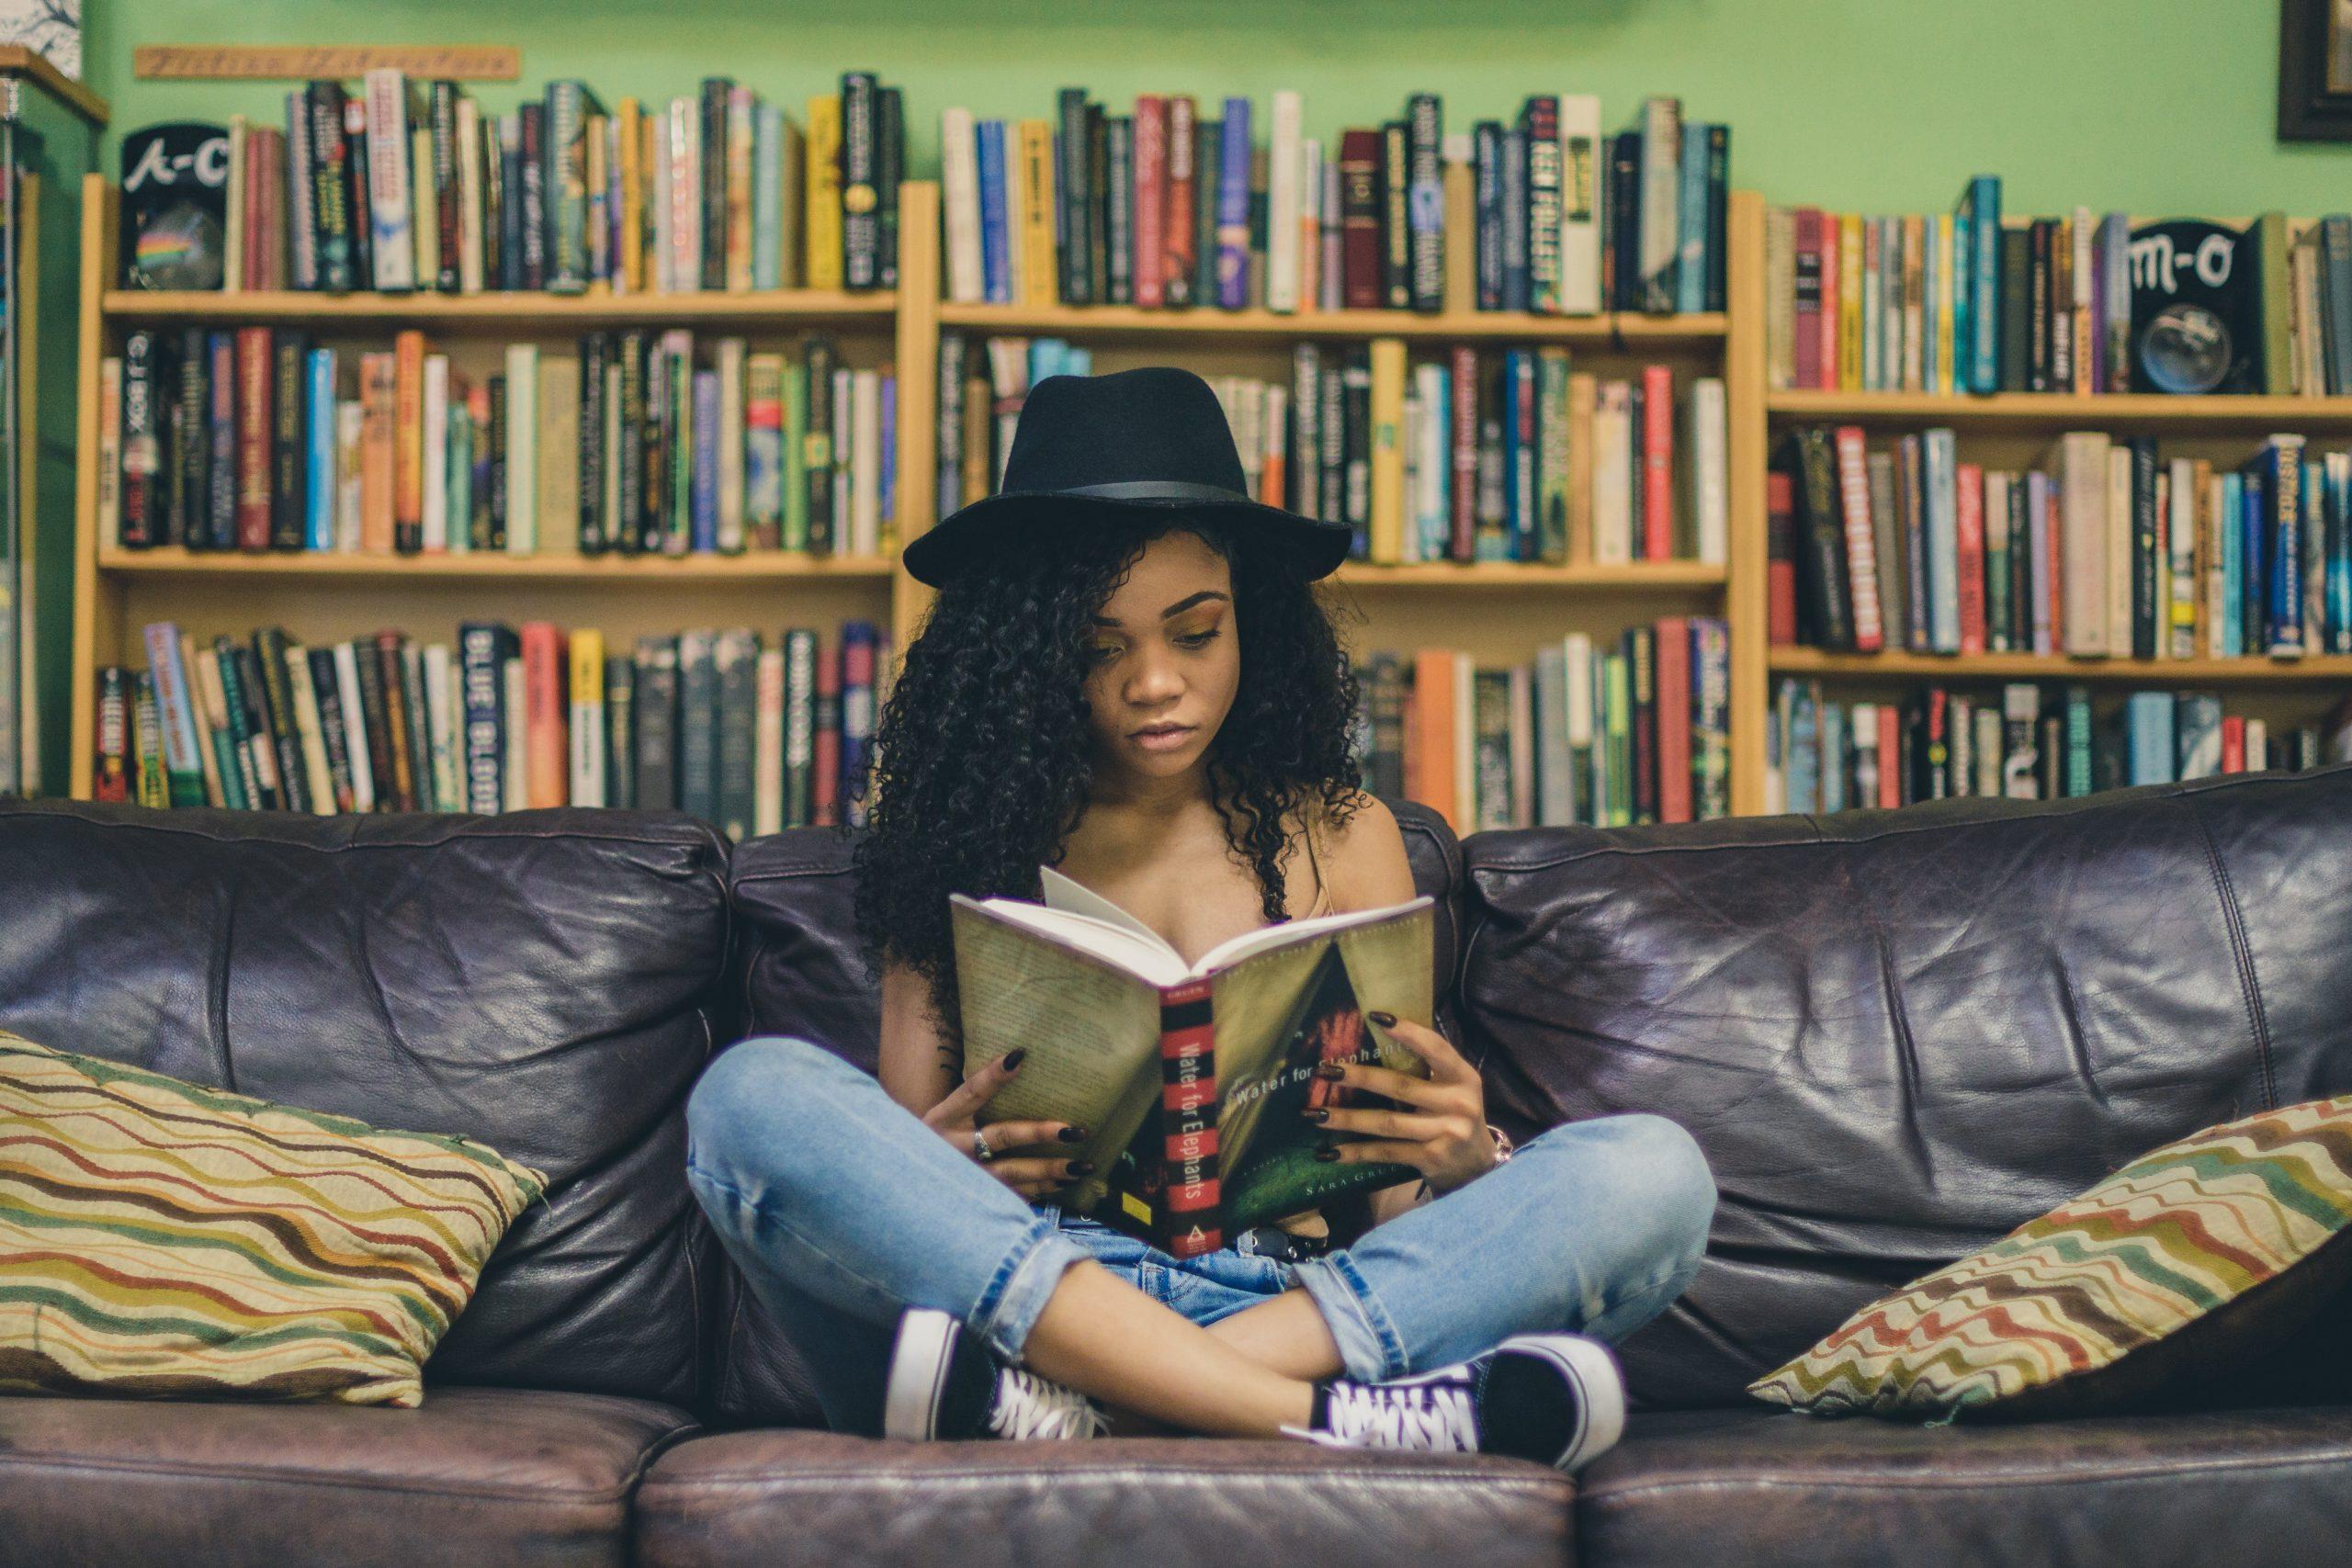 Eine Schwarze junge Frau, die im Schneidersitz auf einem Sofa vor einem riesen Bücherregal sitzt. Sie ist vertieft in ein Buch, was sie in ihren beiden Händen aufgeschlagen hat.